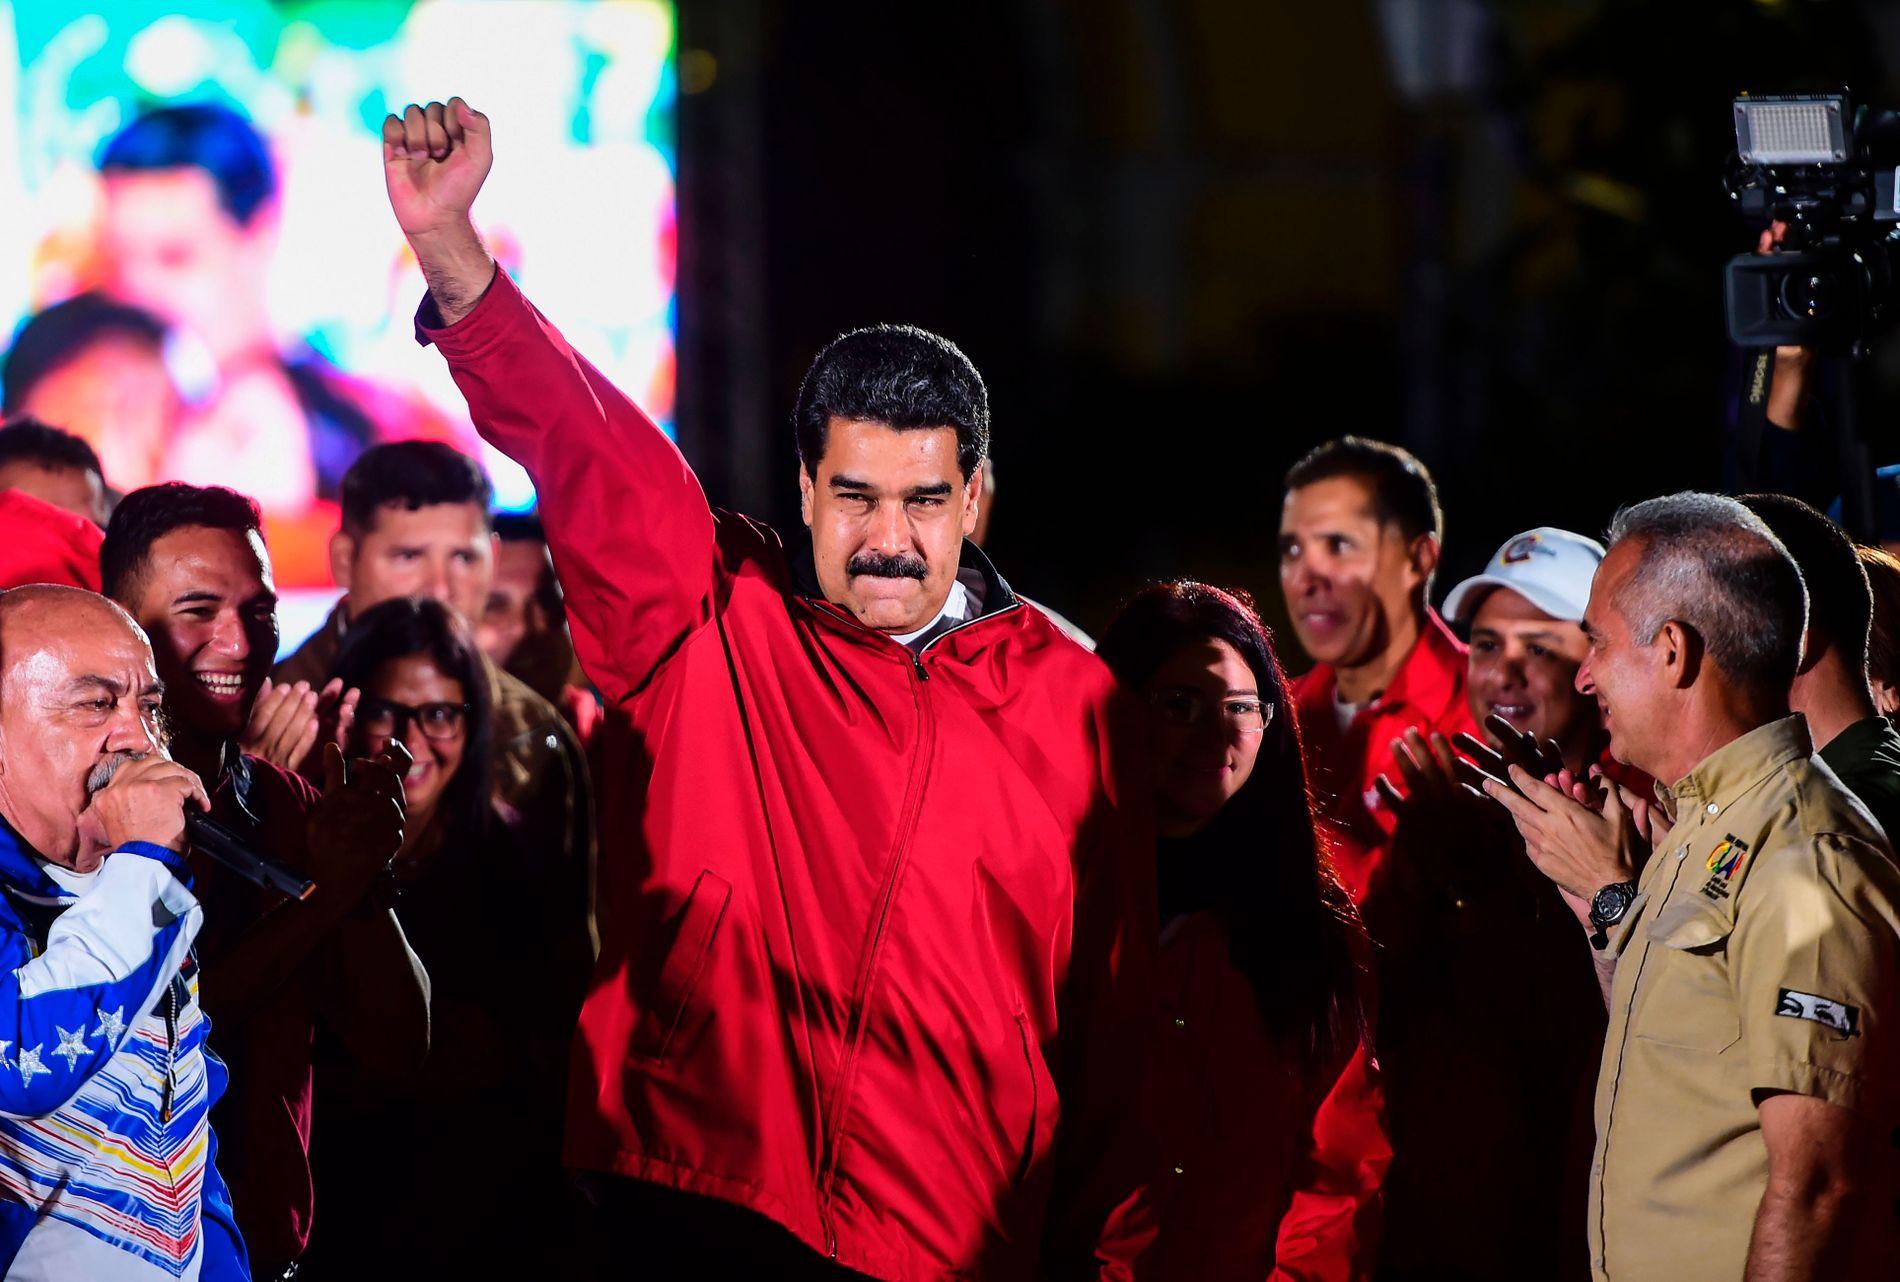 AUTORITÆR: – Det er mulig at president Maduro oppnår sitt mål om å sitte lenger enn til 2018. Den nye grunnlovsgivende forsamlingen og en ny grunnlov vil sammen med militæret kunne beskytte ham fra folket, skriver kronikkforfatteren.